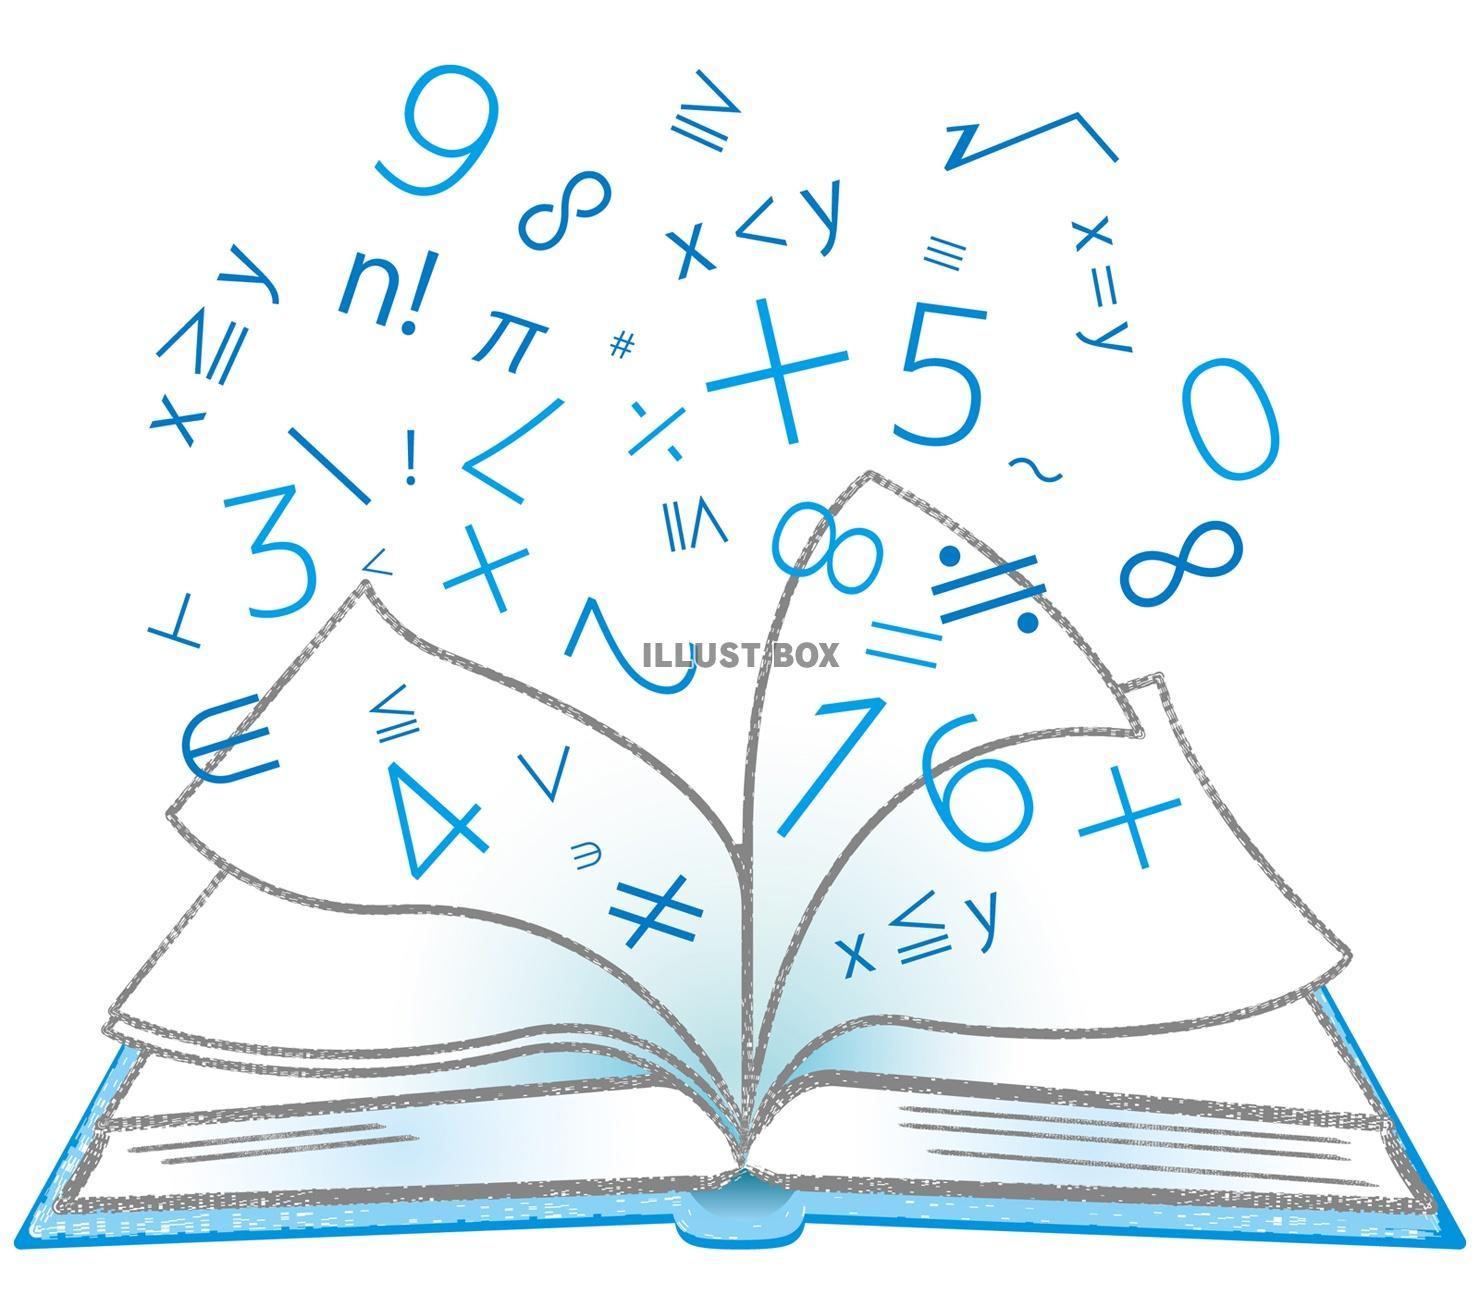 無料イラスト 算数数学参考書教科書開くノート数学の教科書算数の教科書